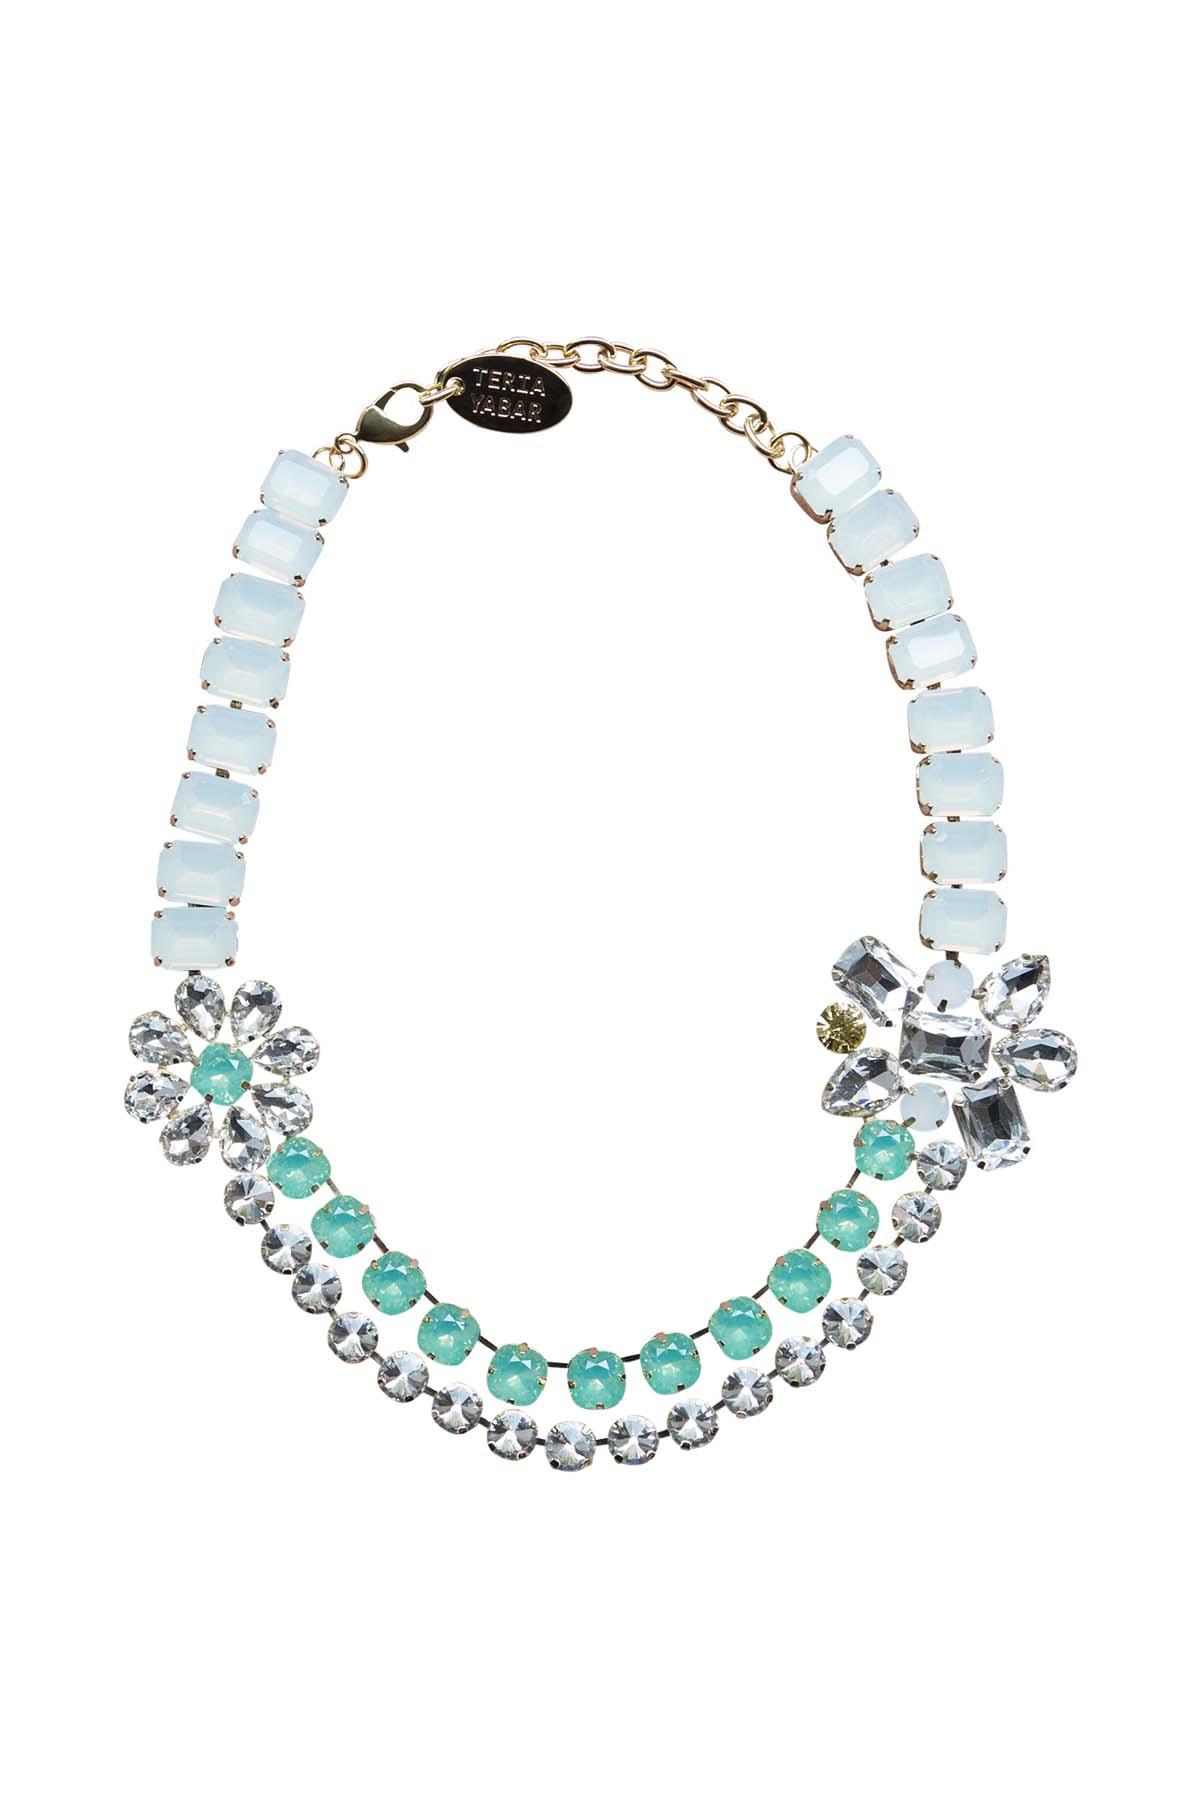 Teria Yabar - Collar joya de cristal y resina verde agua